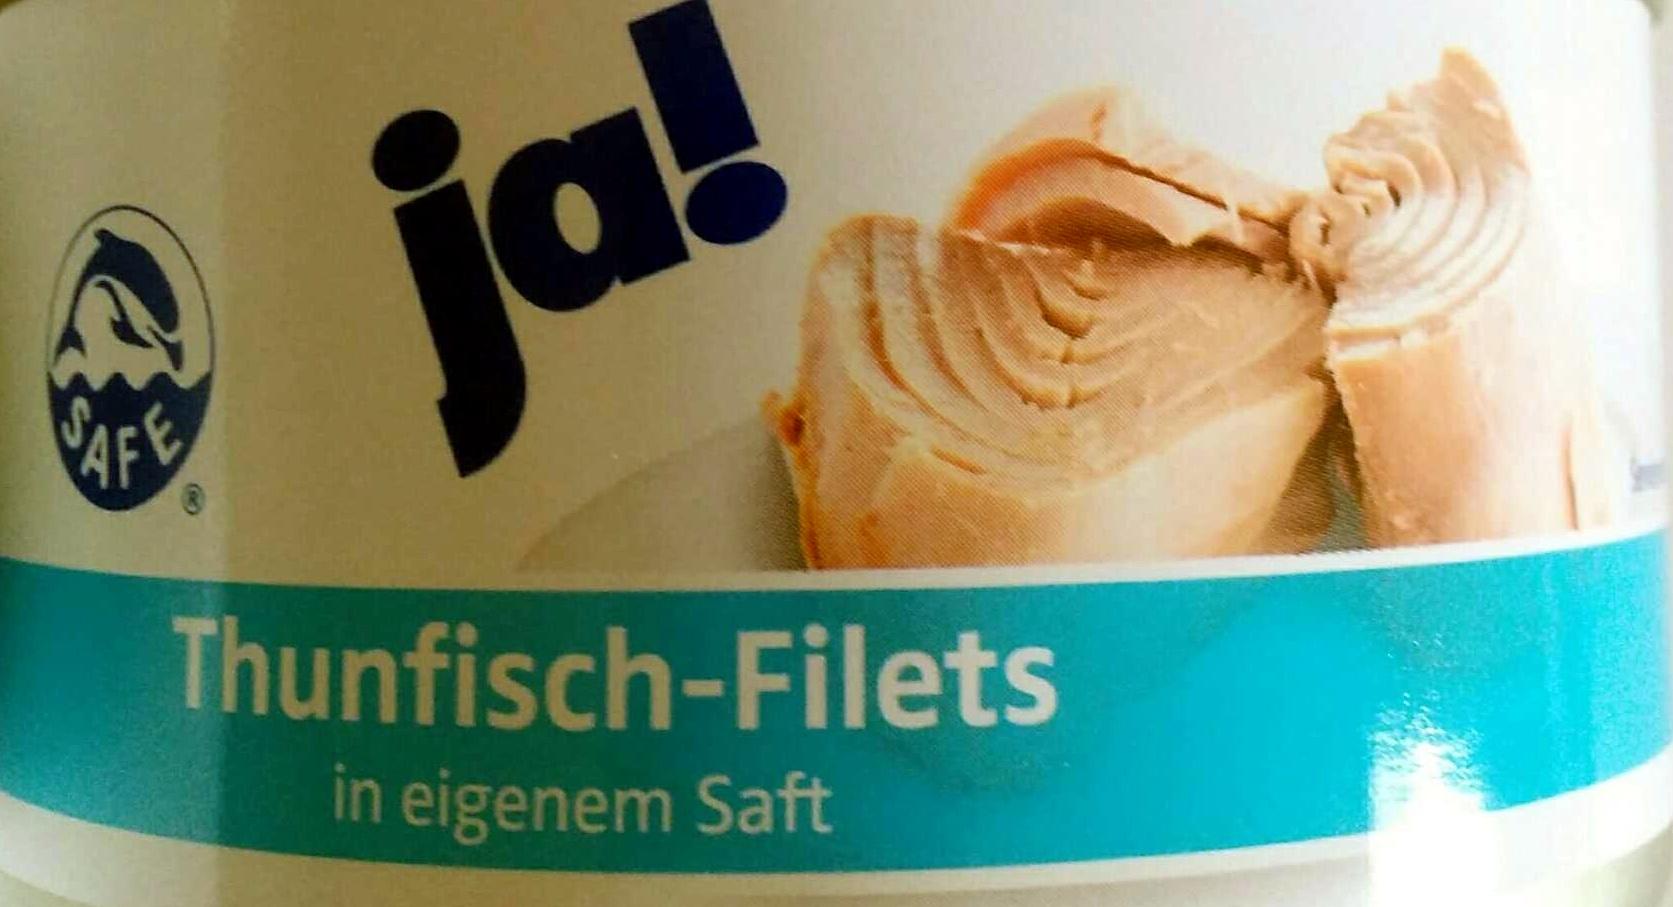 Thunfisch-Filet - Produit - de